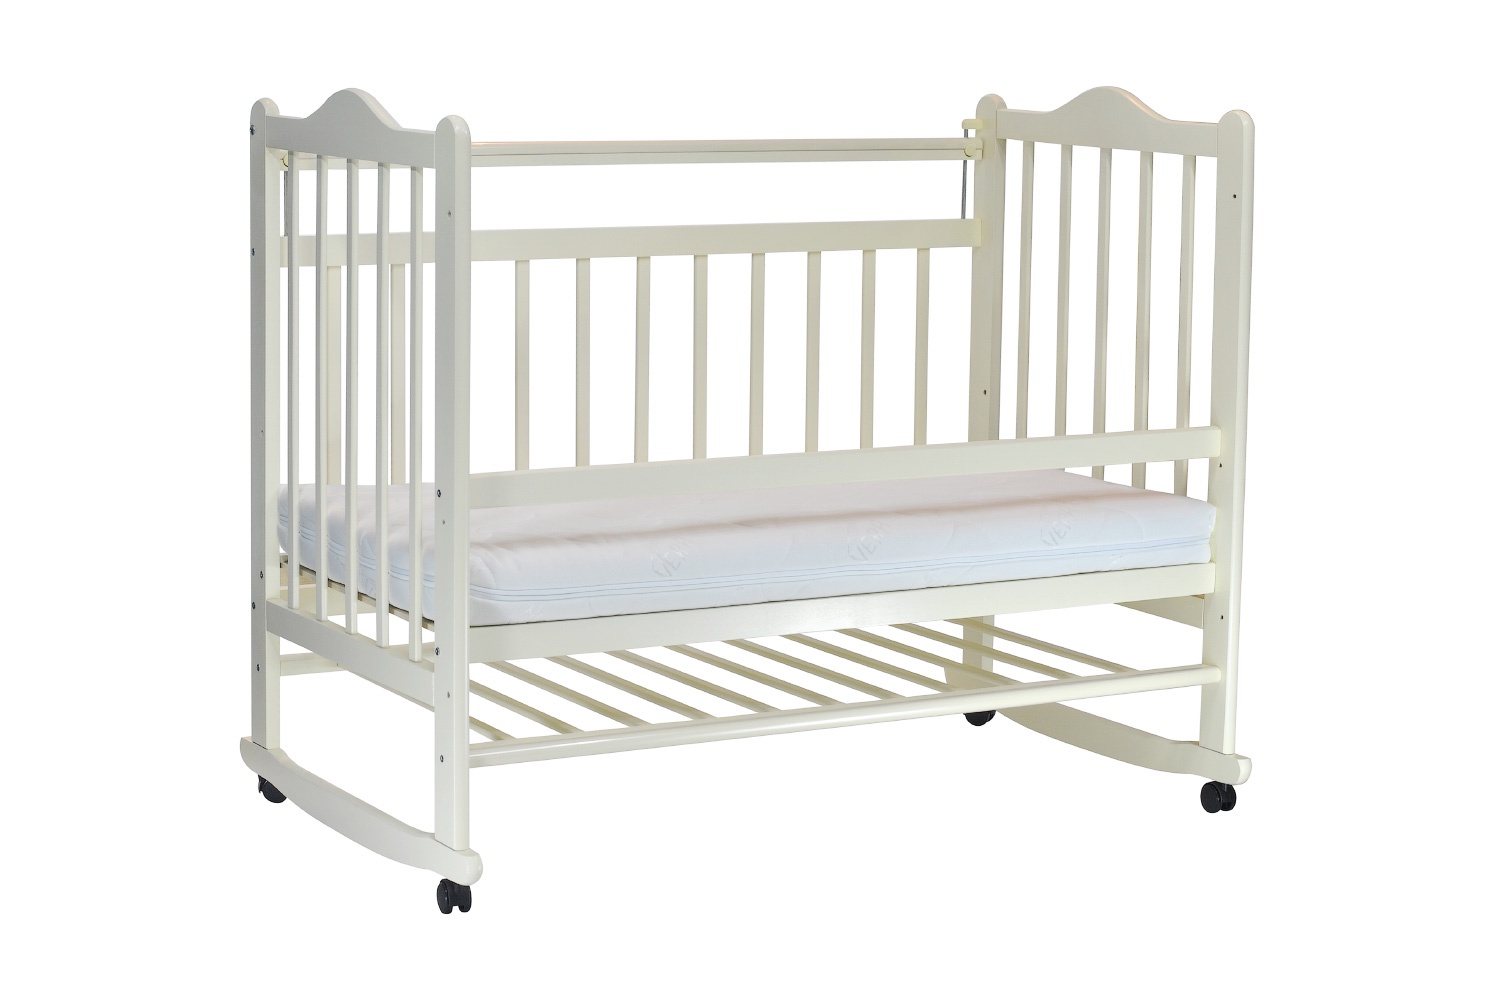 цена Детская кроватка Everflo Pali ivory ES-001 онлайн в 2017 году